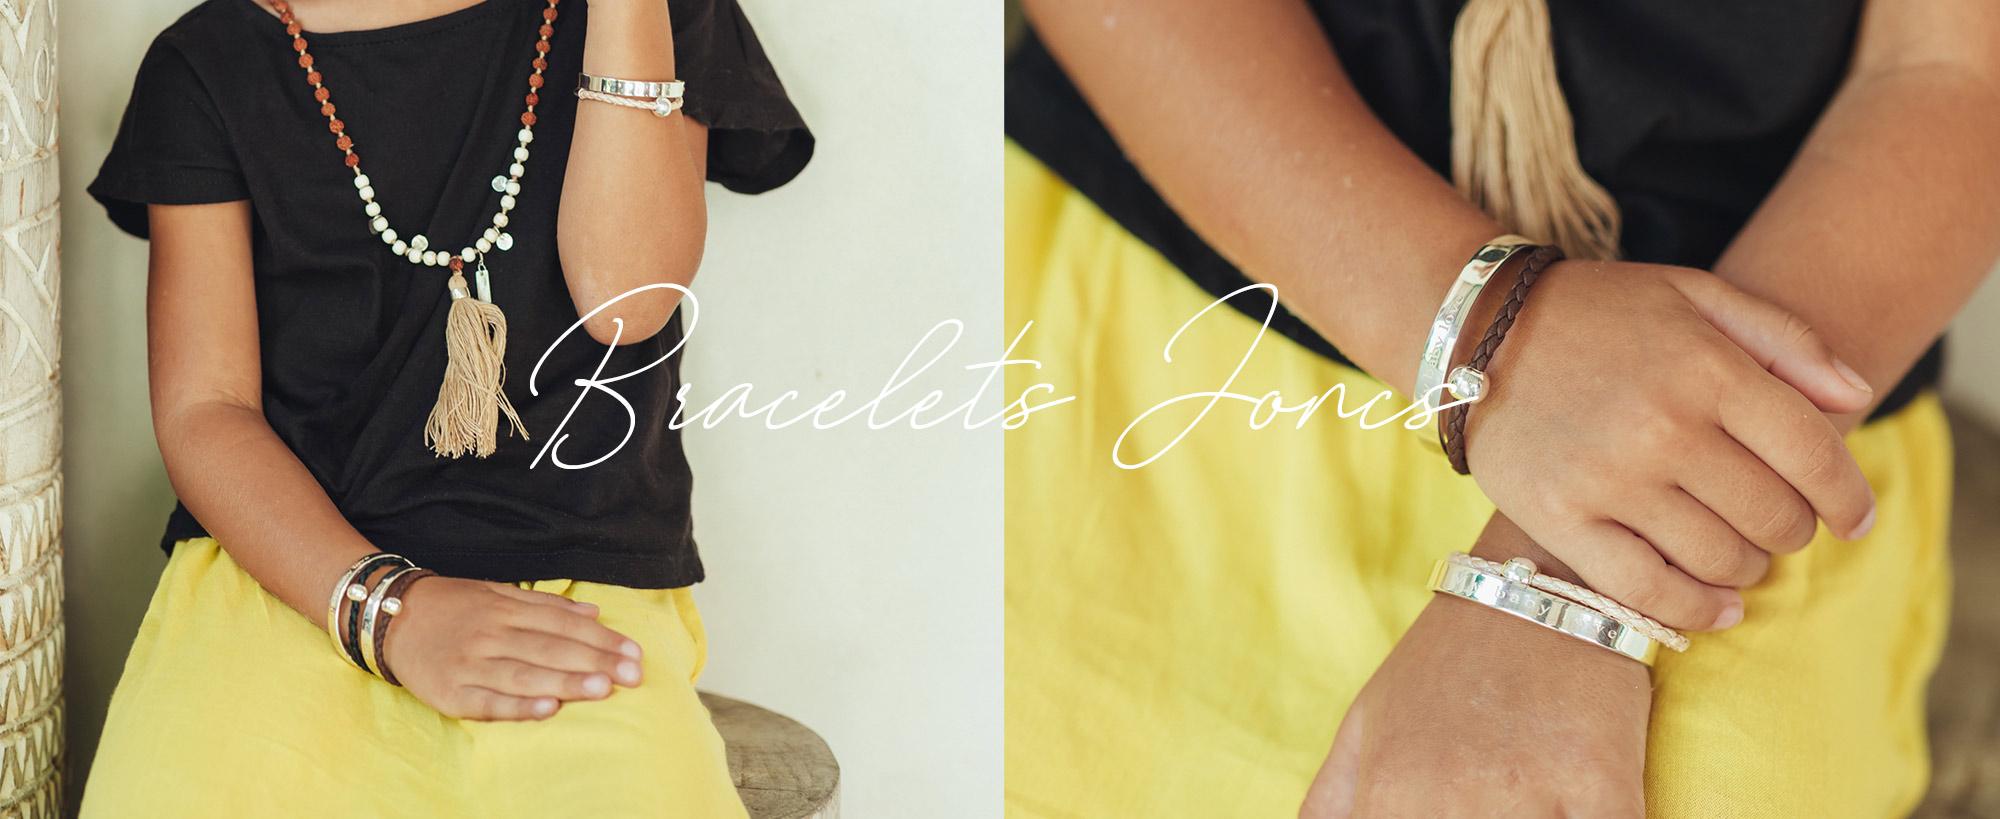 bracelets-joncs-slid